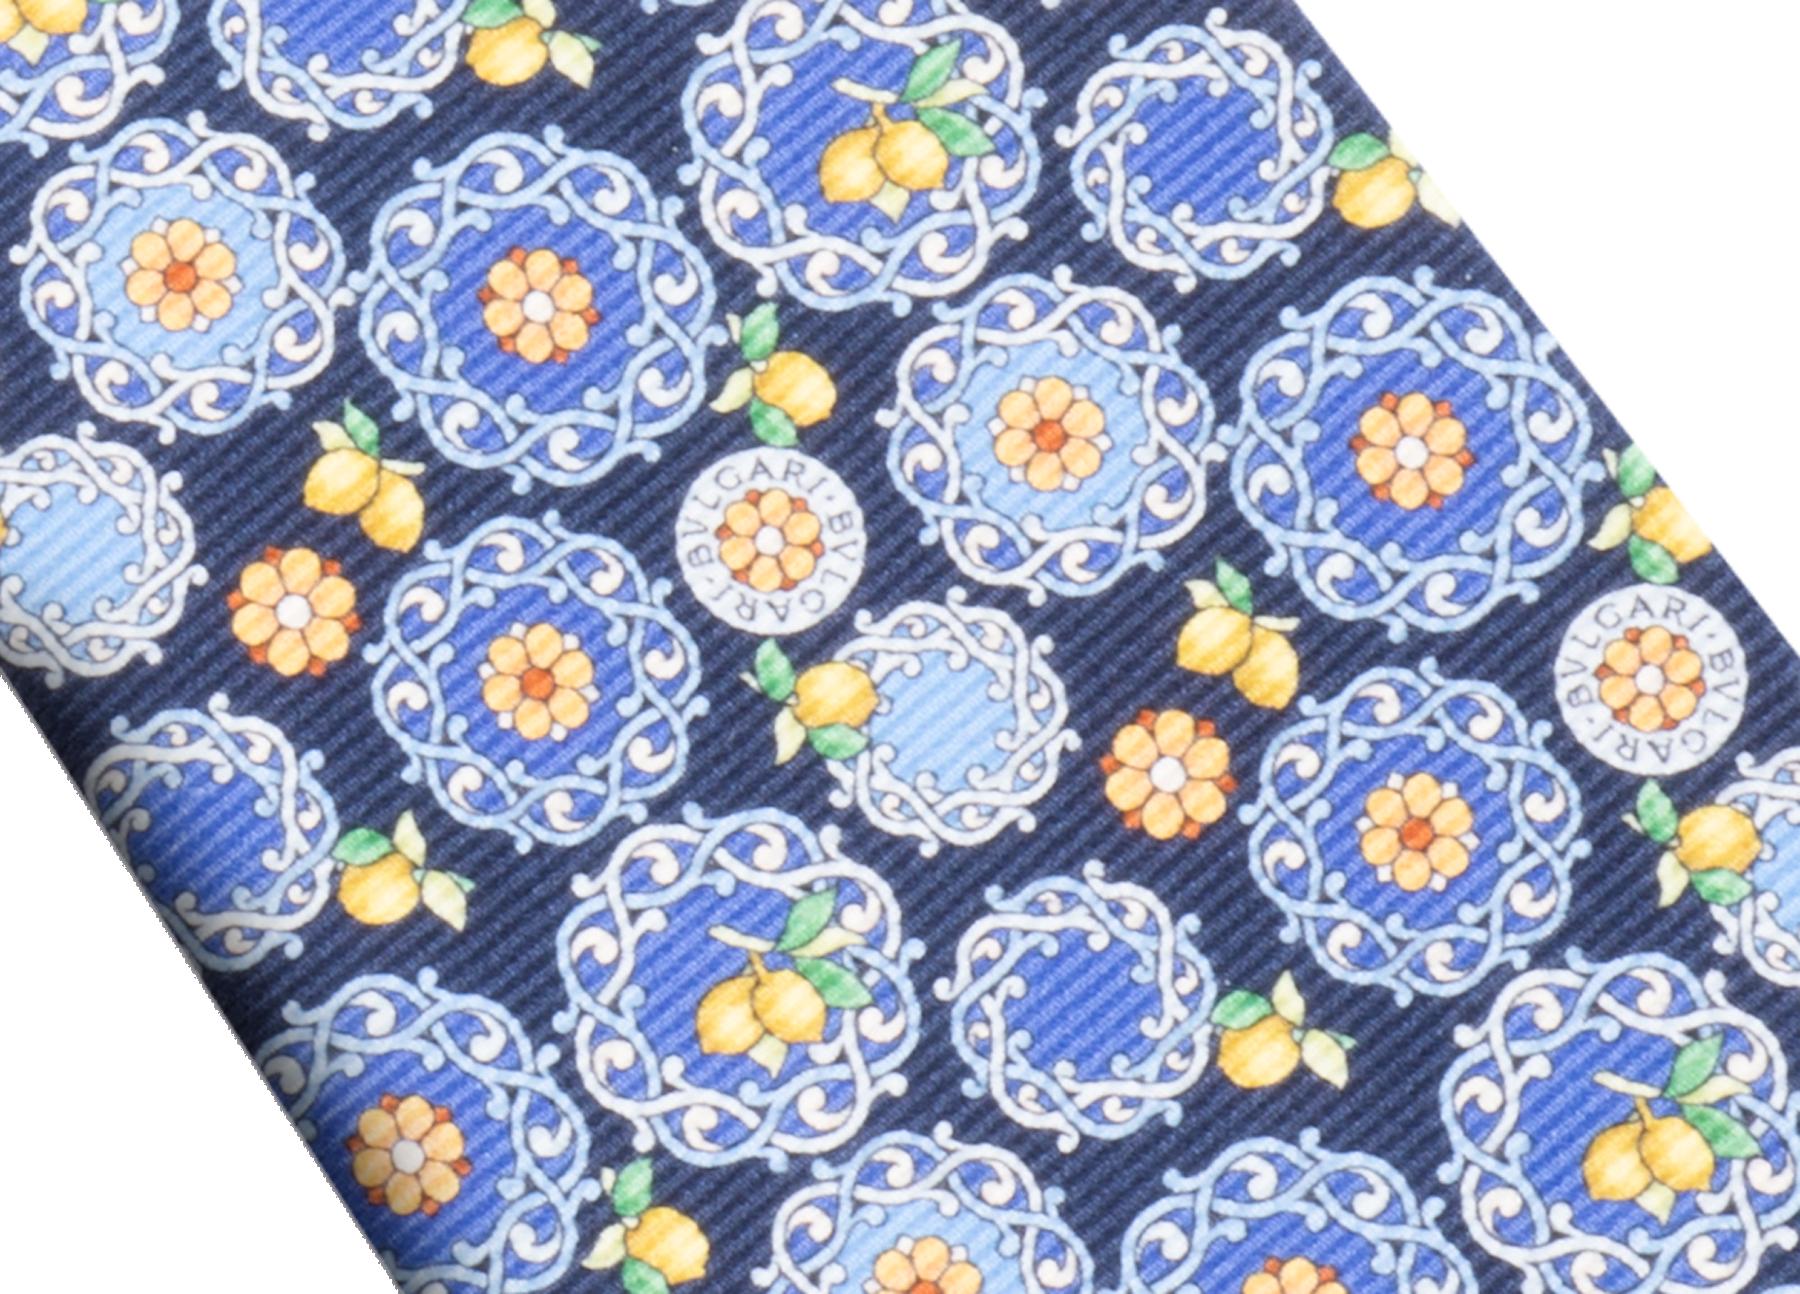 """Siebenfach gefaltete marineblaue Krawatte mit """"Lemon Capri""""-Muster aus feiner, bedruckter Saglione-Seide. 244166 image 2"""